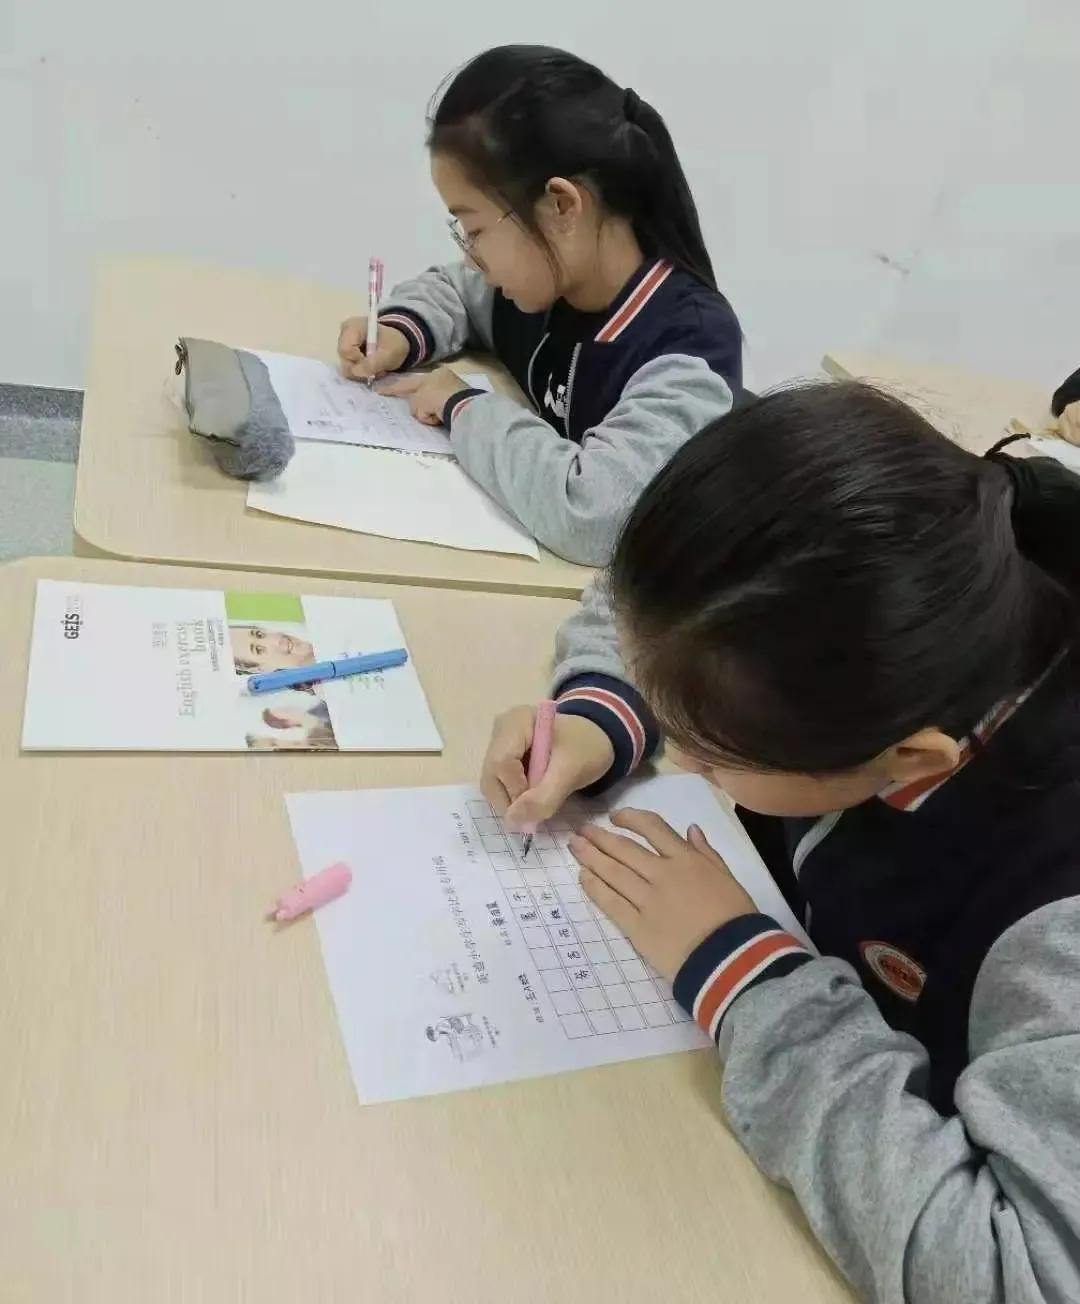 科学习字进英迪 智慧课堂显活力——基于信息技术手段的课堂革命